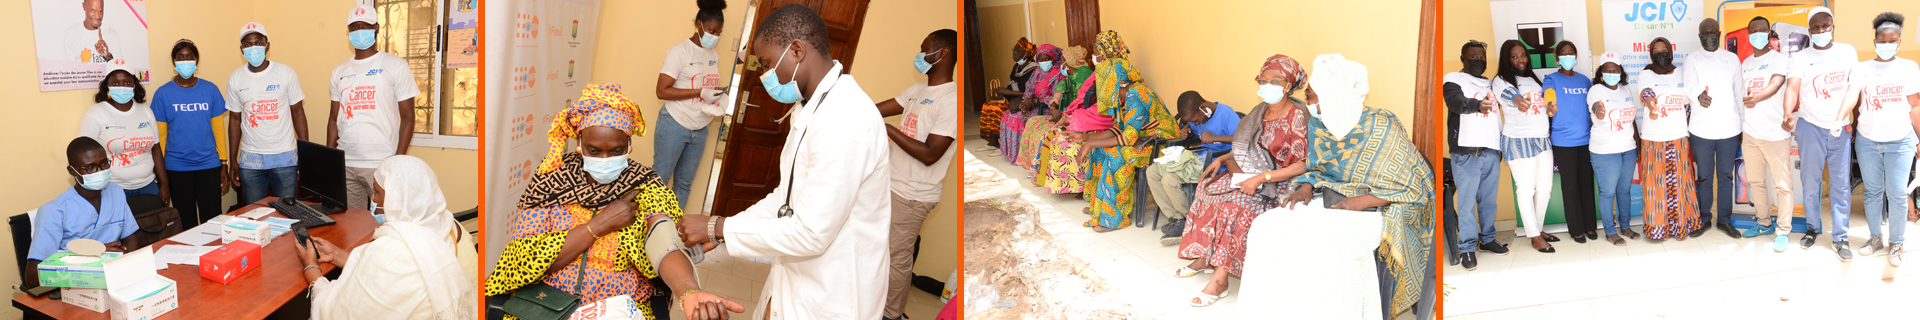 Opération de dépistage au Sénégal des cancers du col de l'utérus et du sein